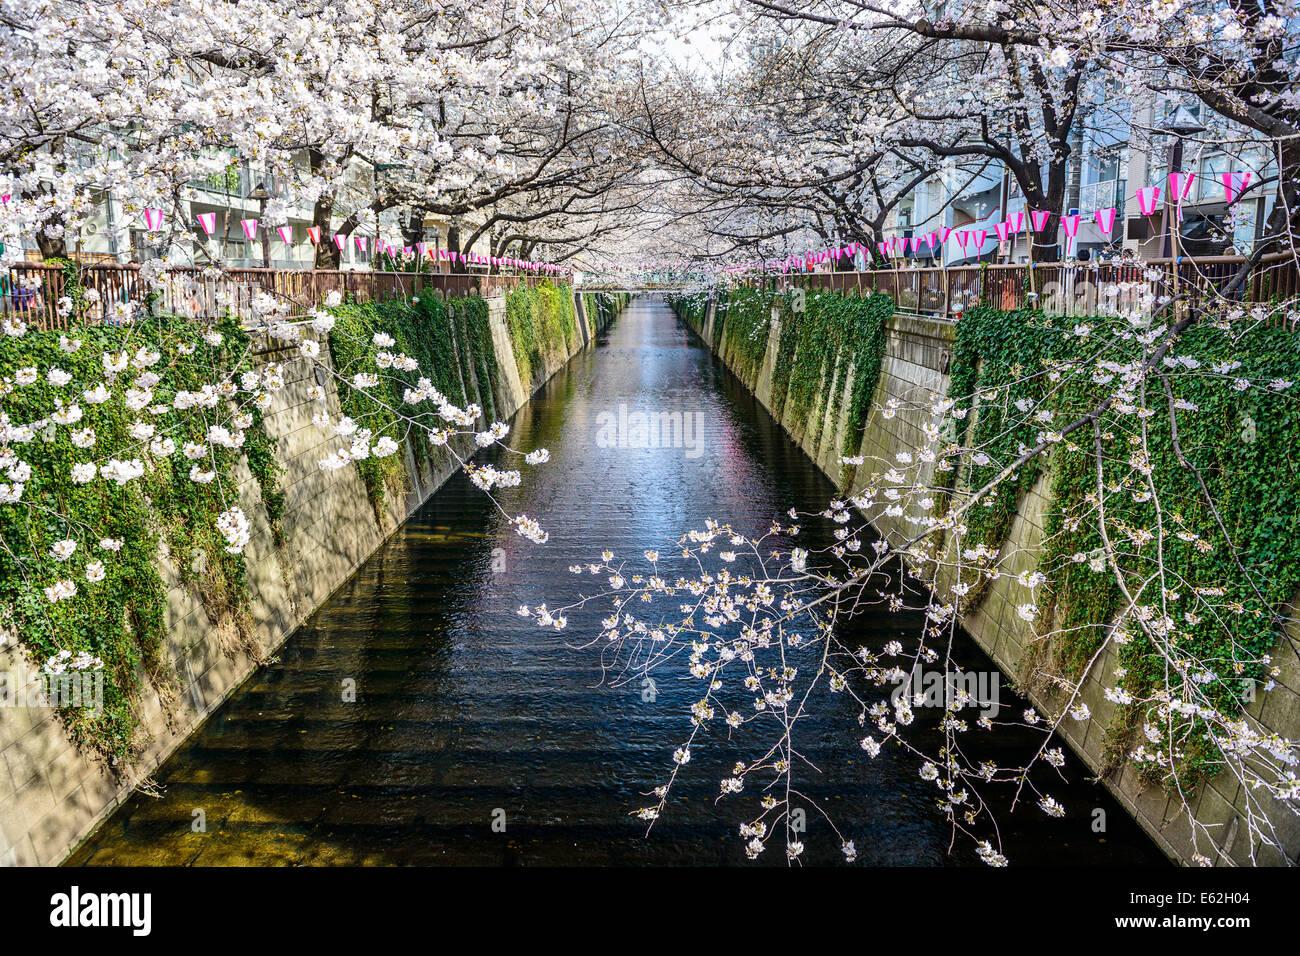 Tokyo, Japan am Meguro-Kanal in die Frühjahrssaison. Stockfoto